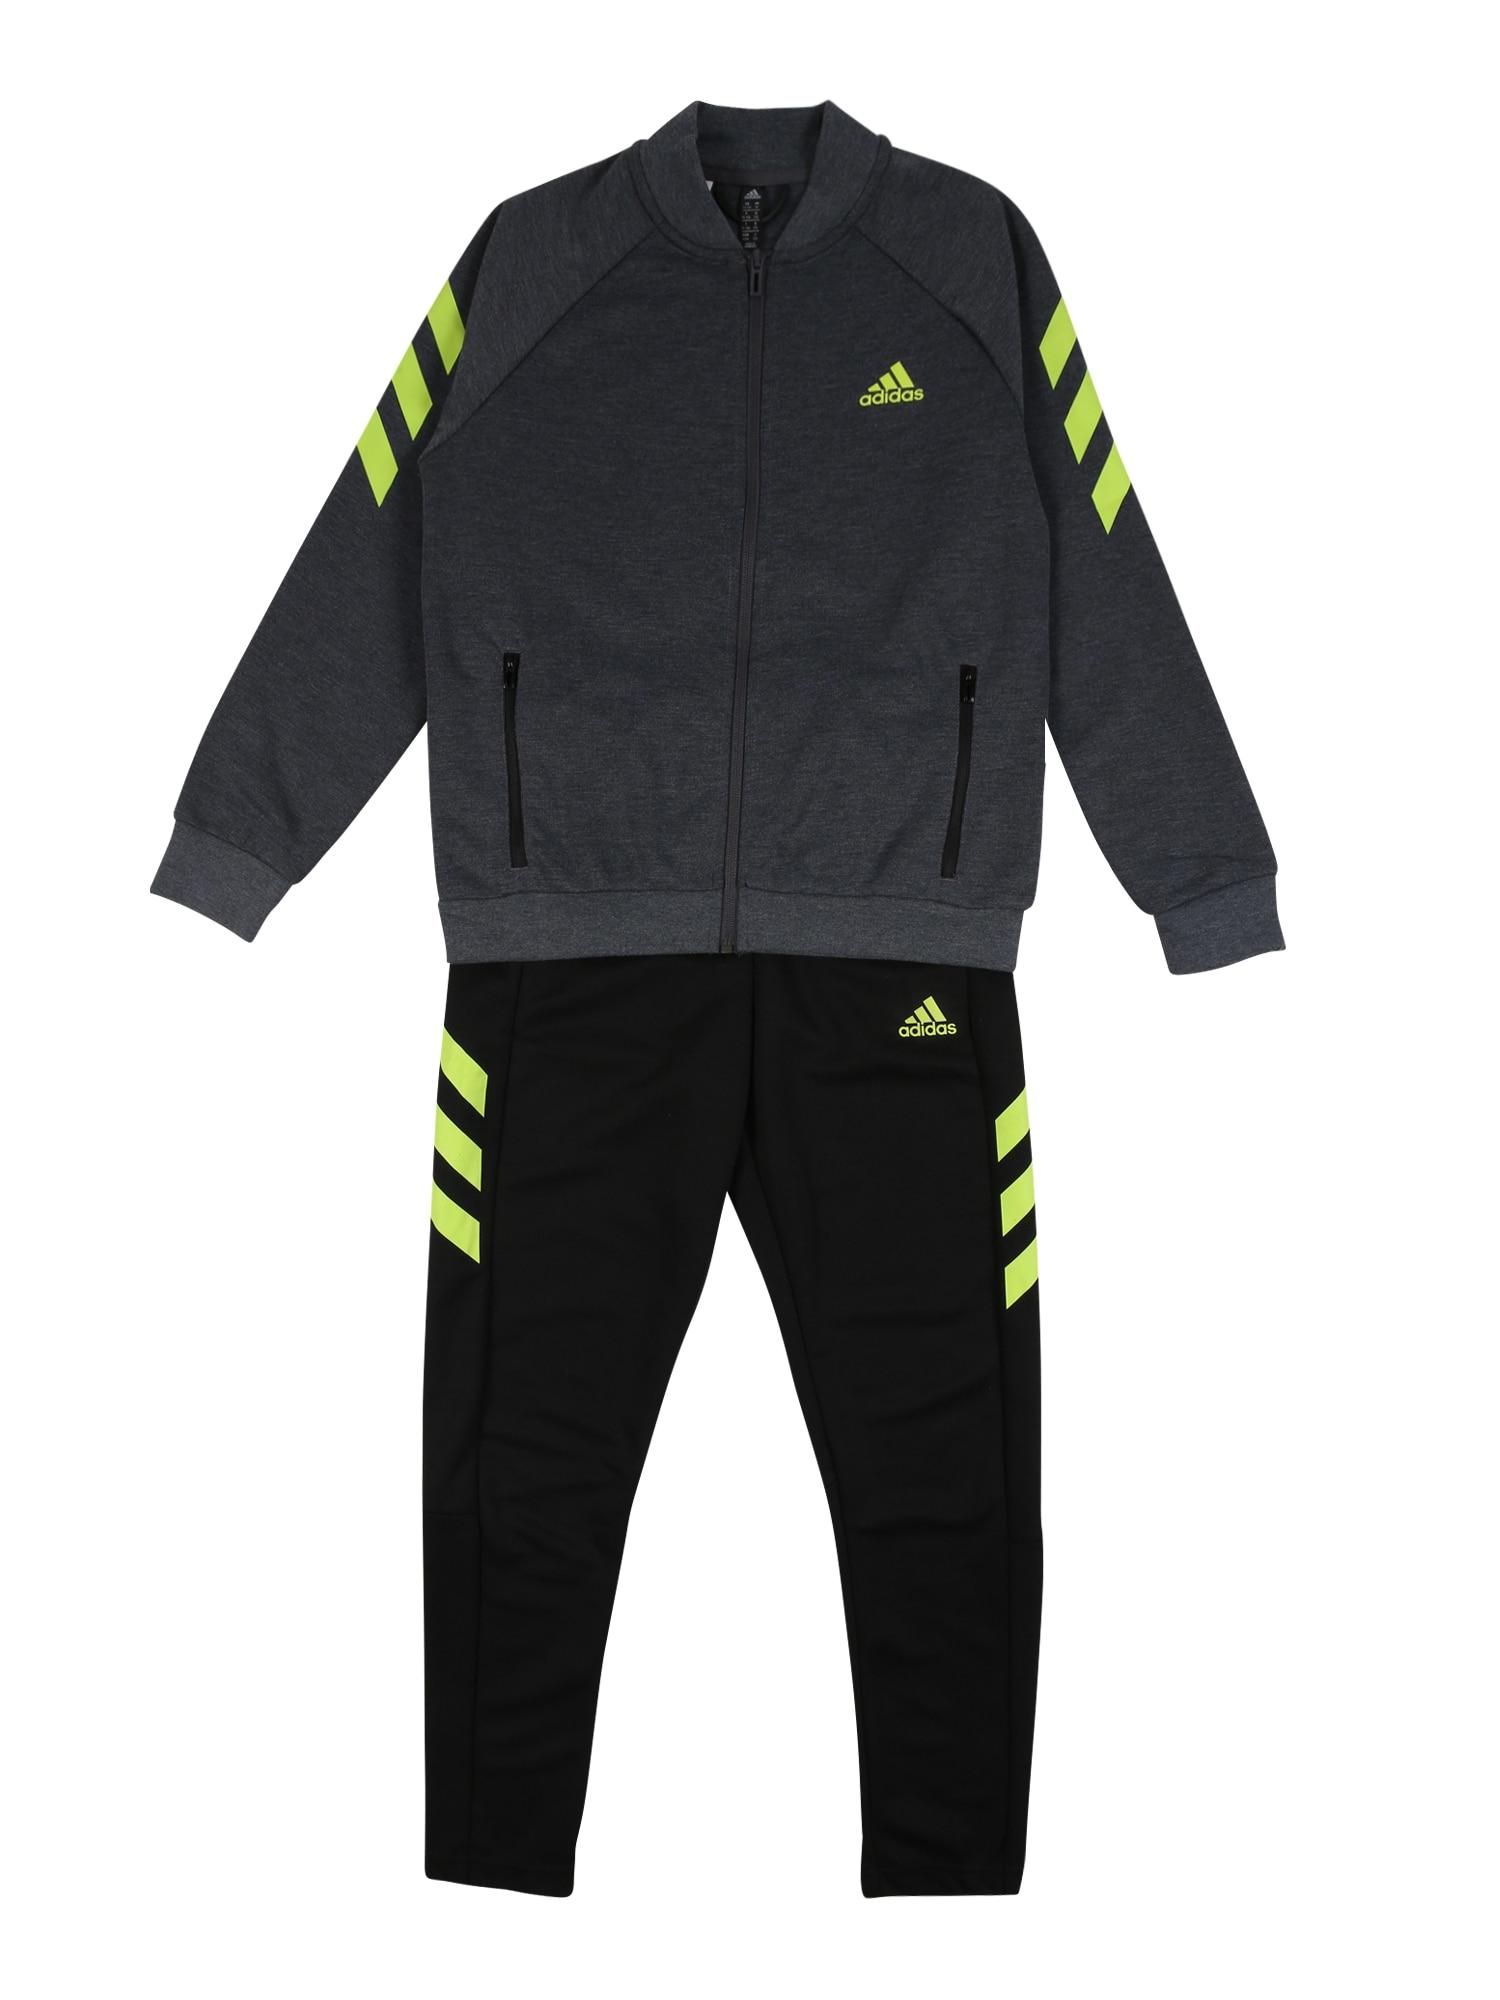 ADIDAS PERFORMANCE Športový úbor  čierna / sivá / neónovo žltá